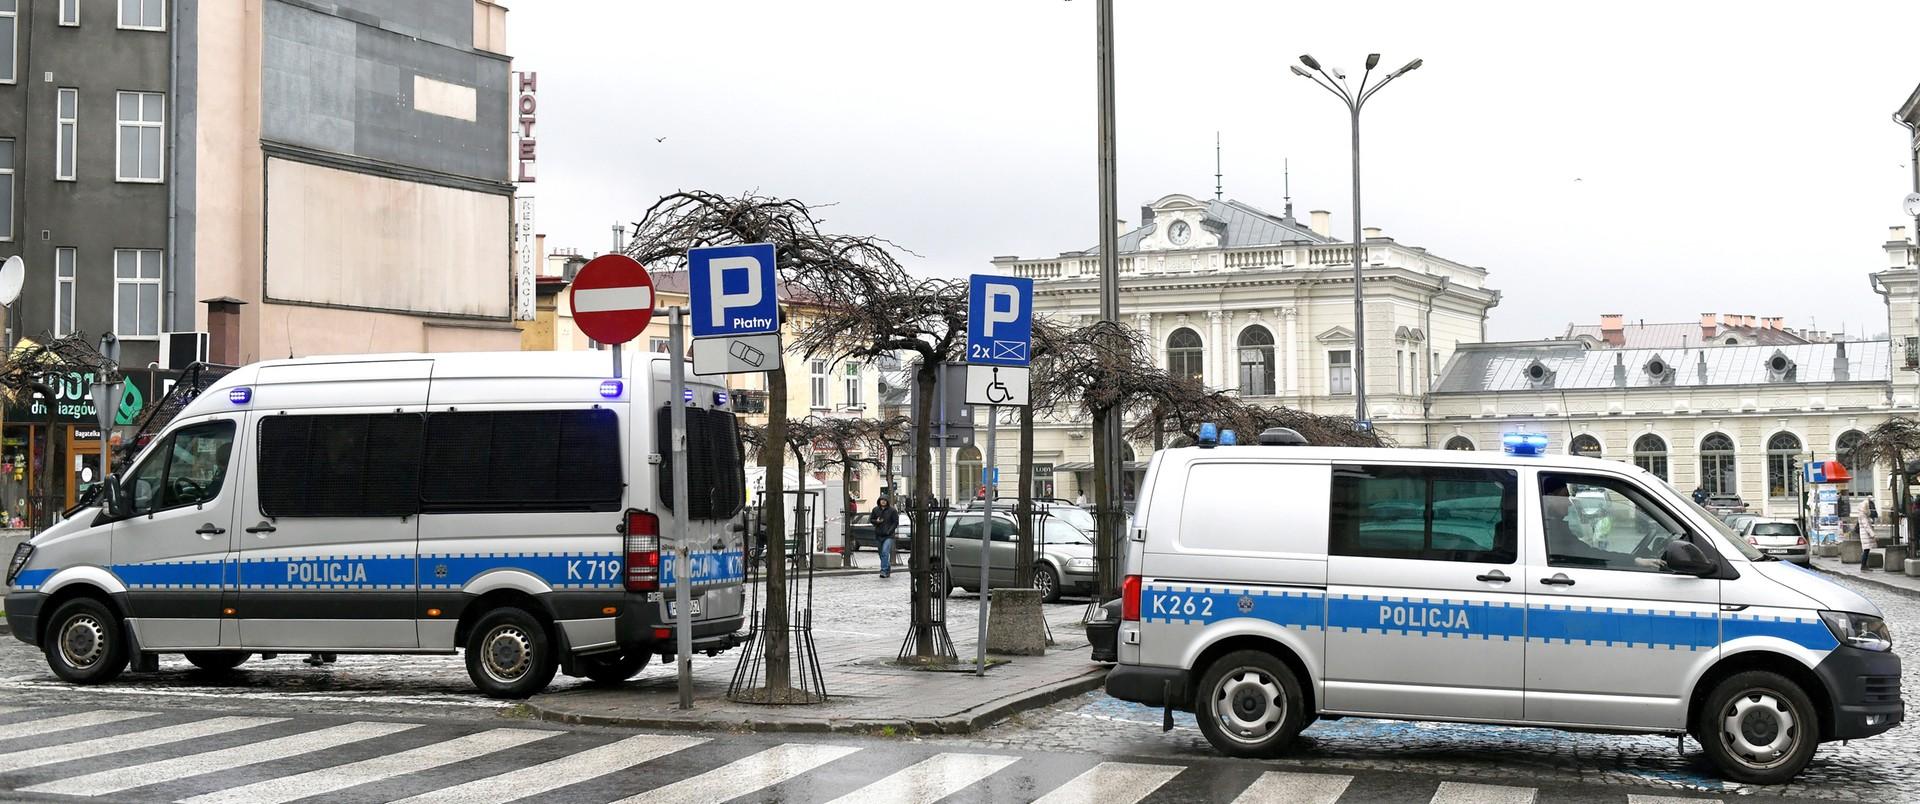 Patrole policji w centrum Przemyśla